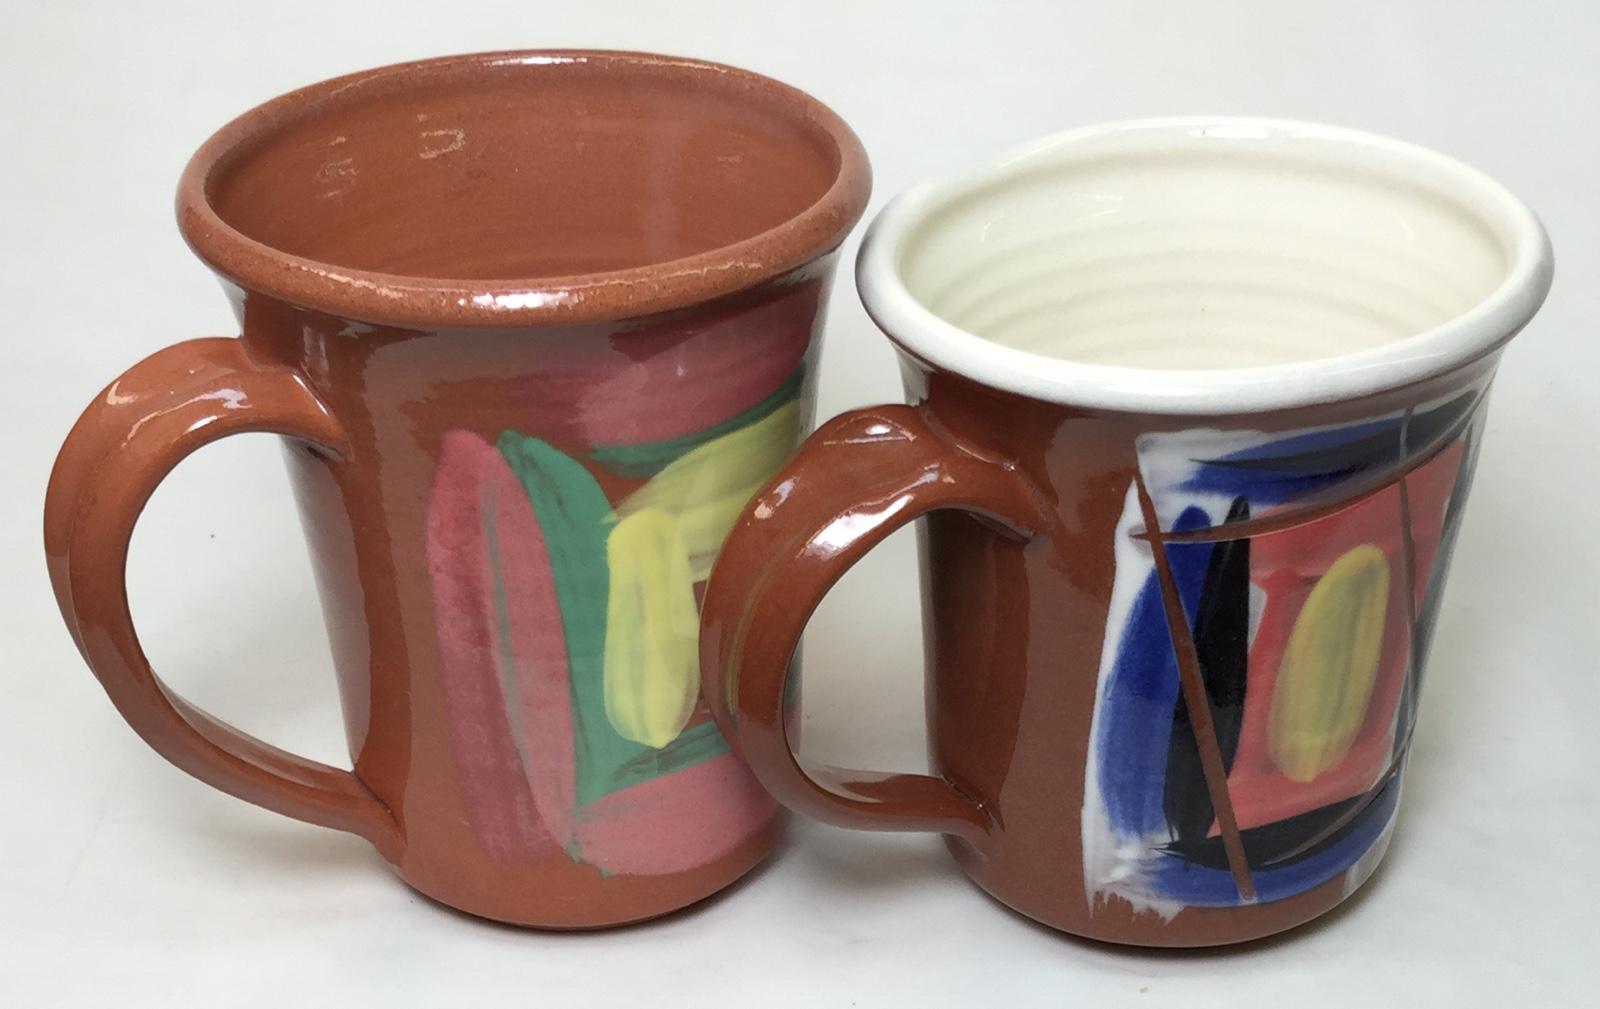 Terra cotta vs. Terra cotta stoneware